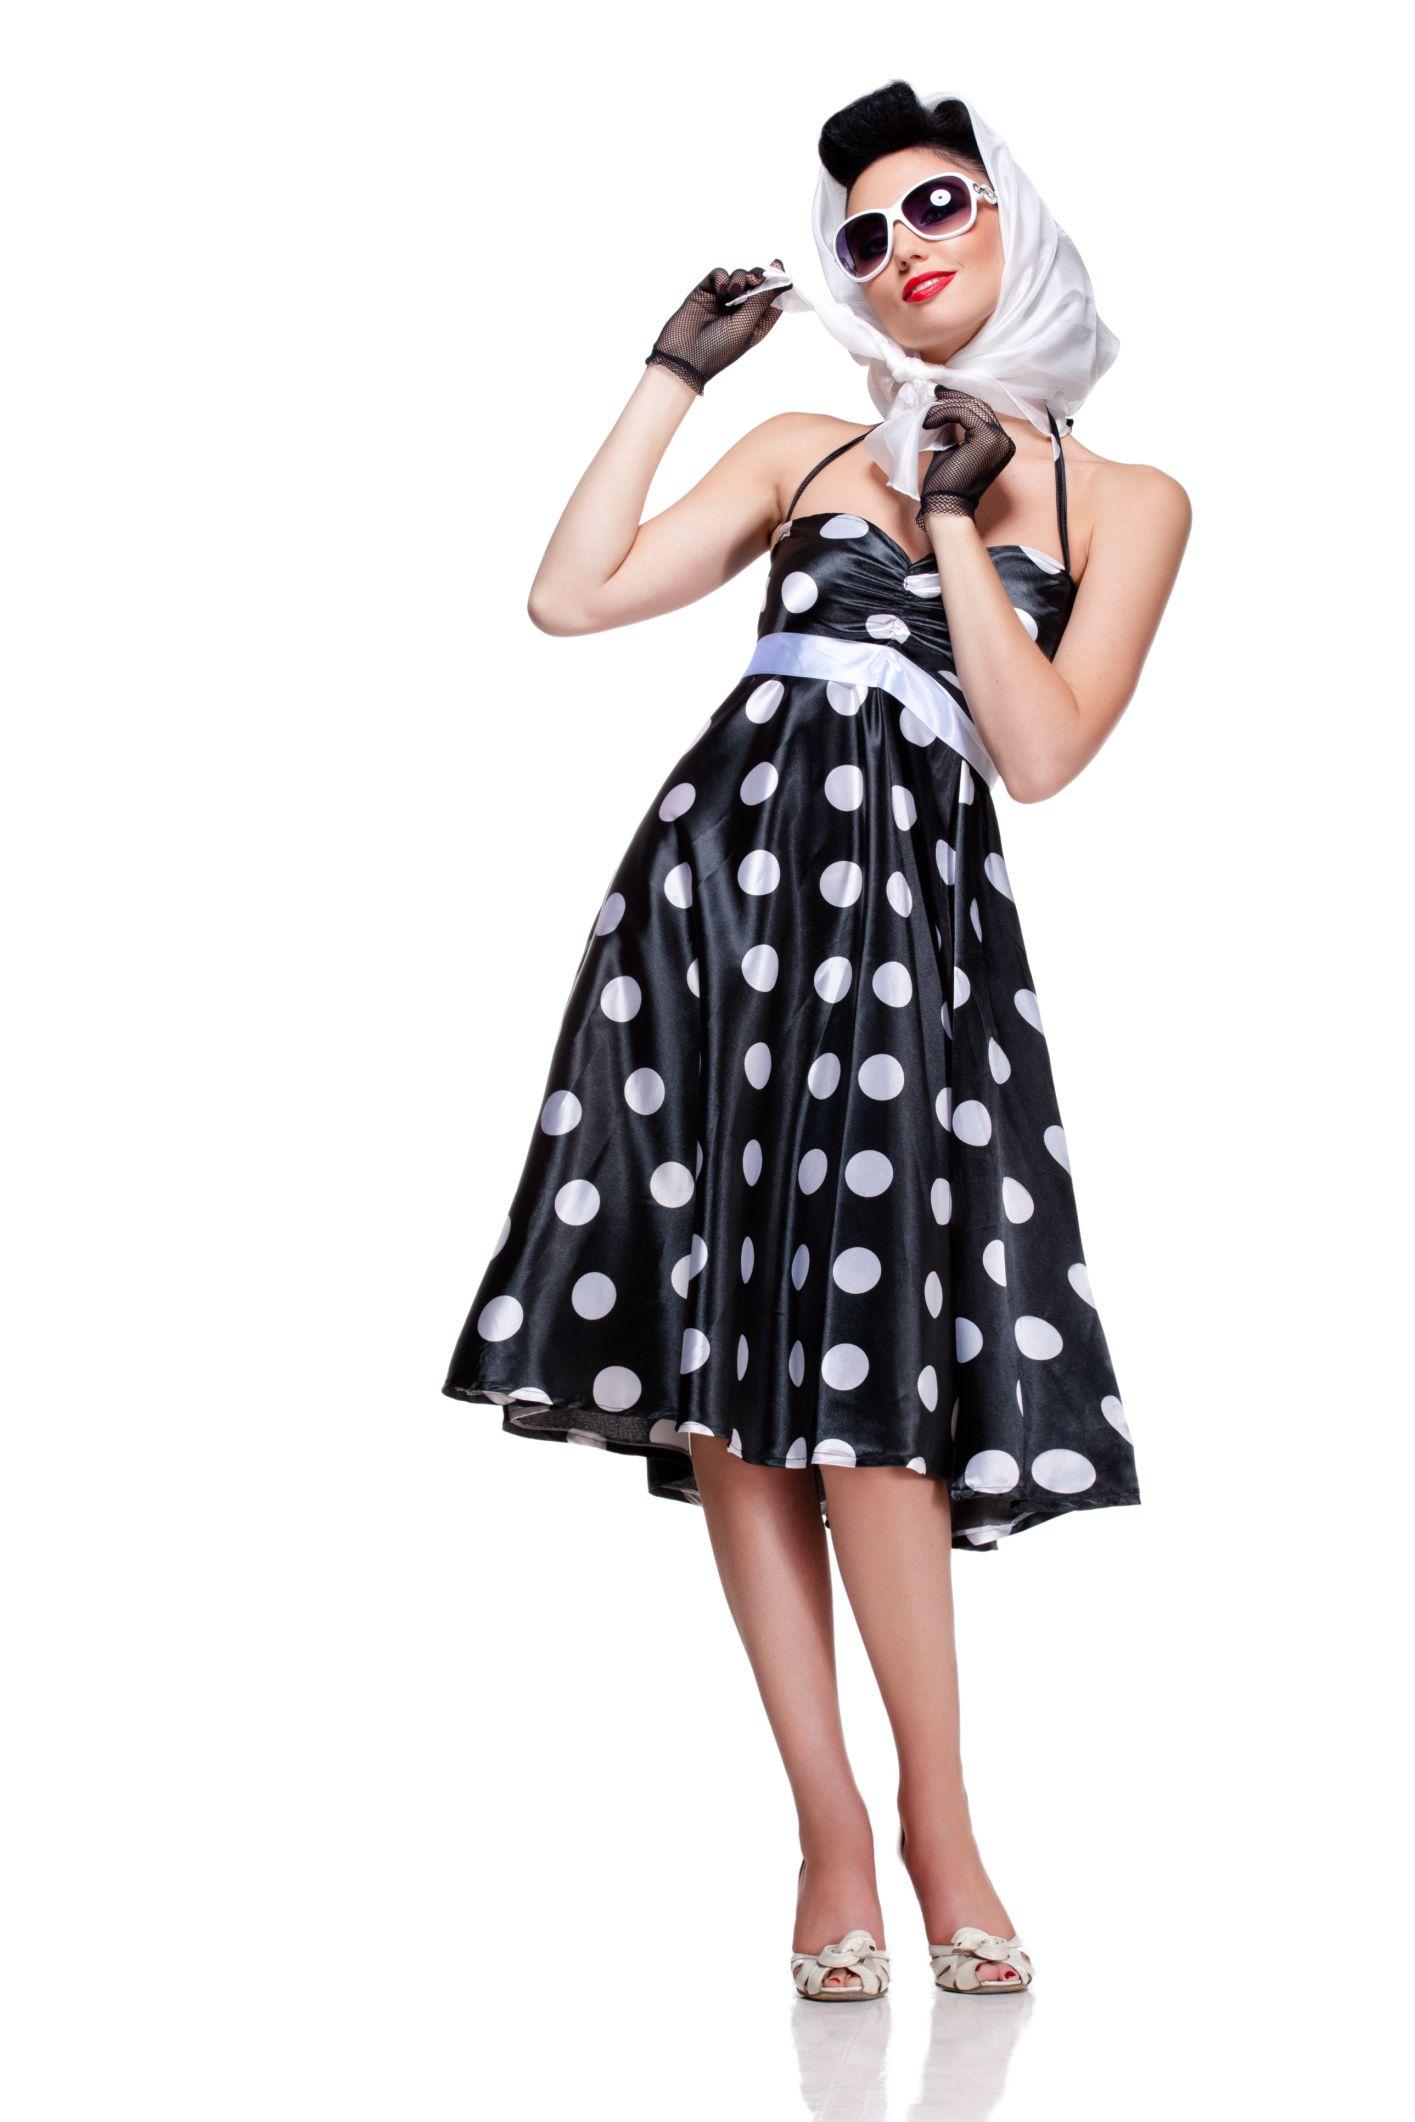 Moda de los años 50 | Ideas‼ | Pinterest | Fashion, Vintage ...